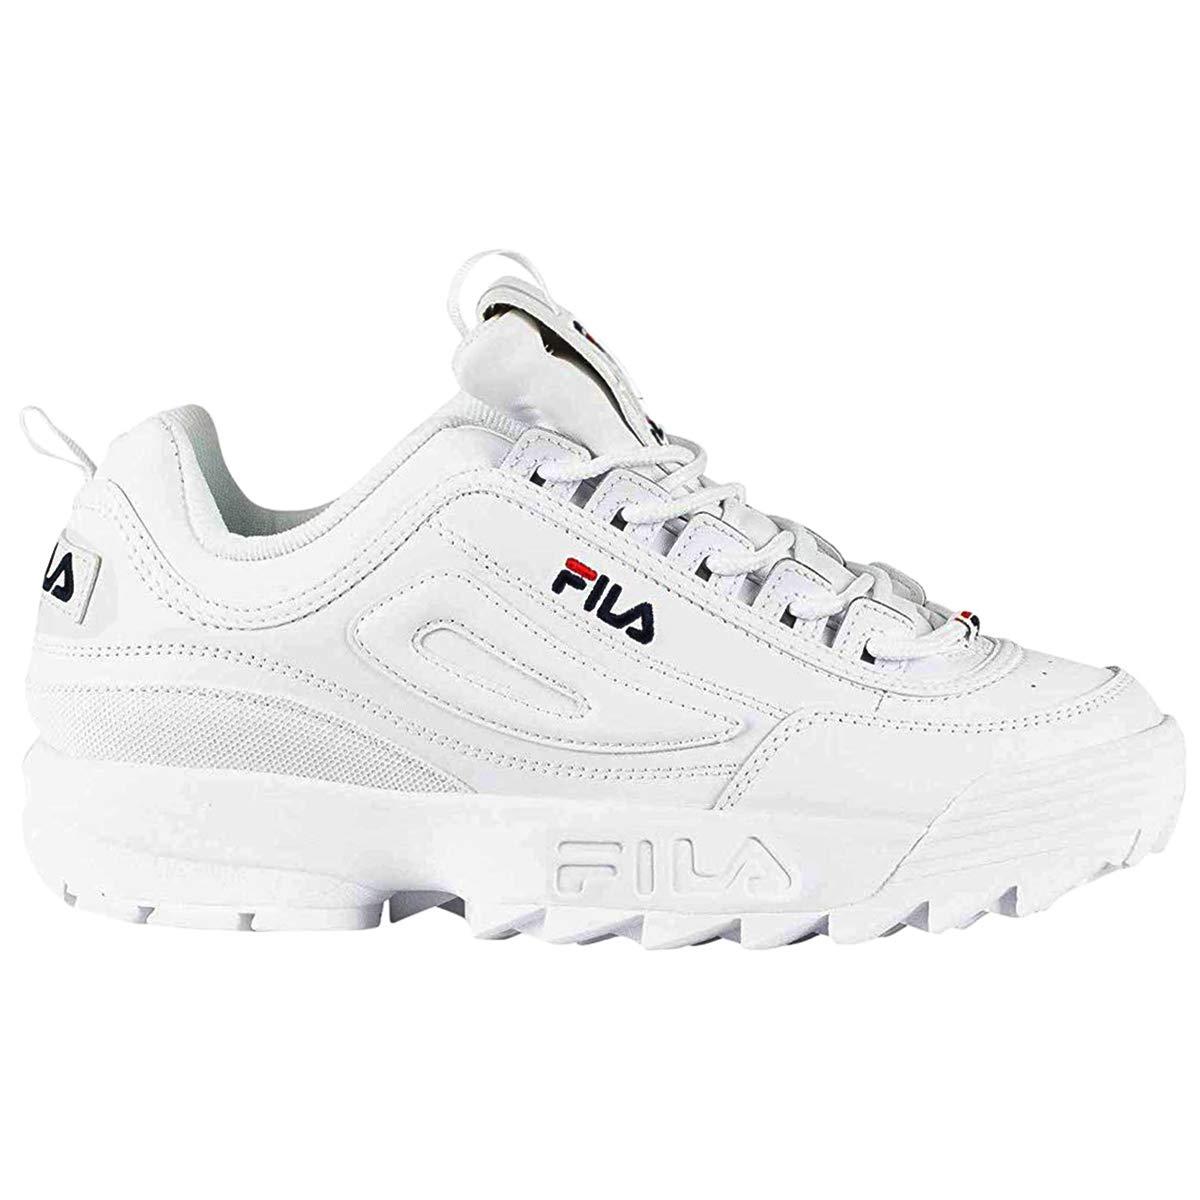 Fila Womens Disruptor Premium Sneakers